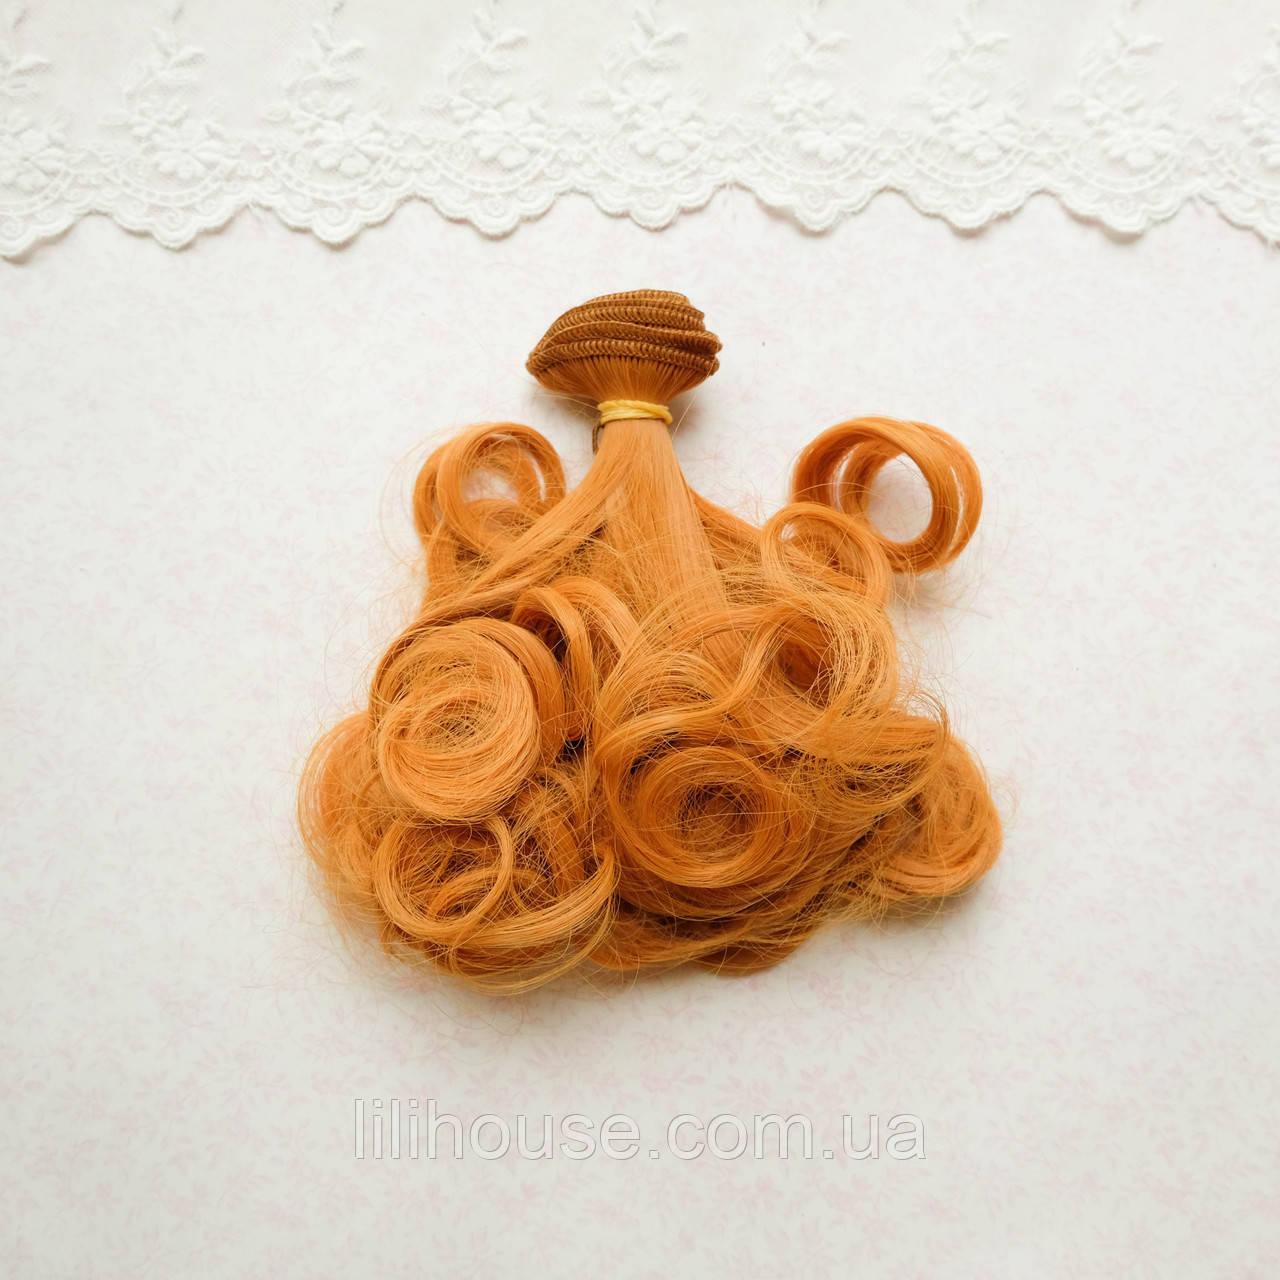 Волосы для кукол волнистые концы в трессах, карамель  - 15 см